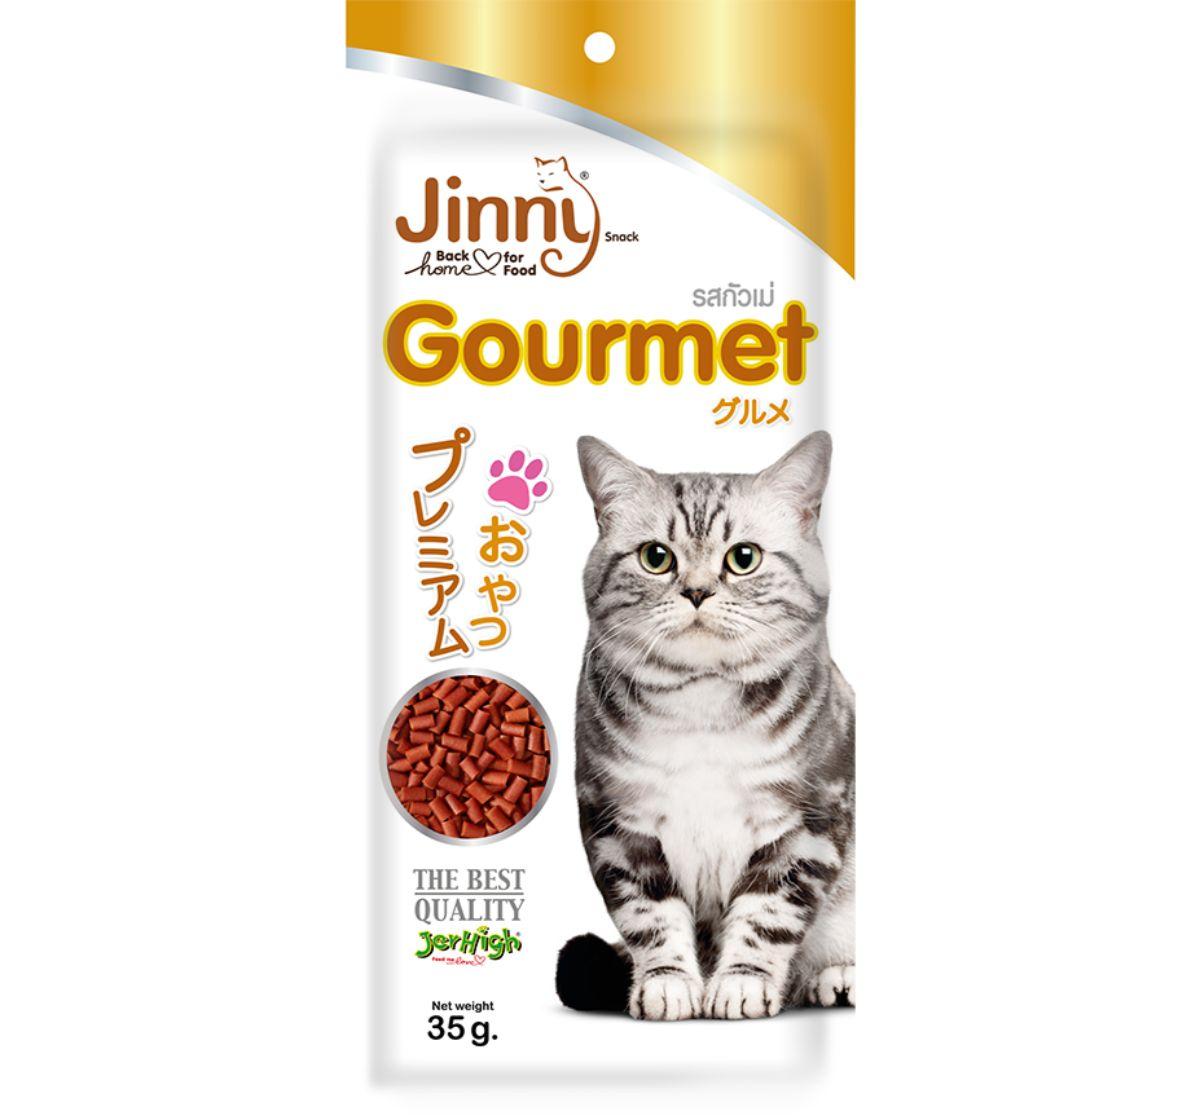 Jerhigh Jinny Gourmet Cat Treat - 40 gm (Pack Of 5)